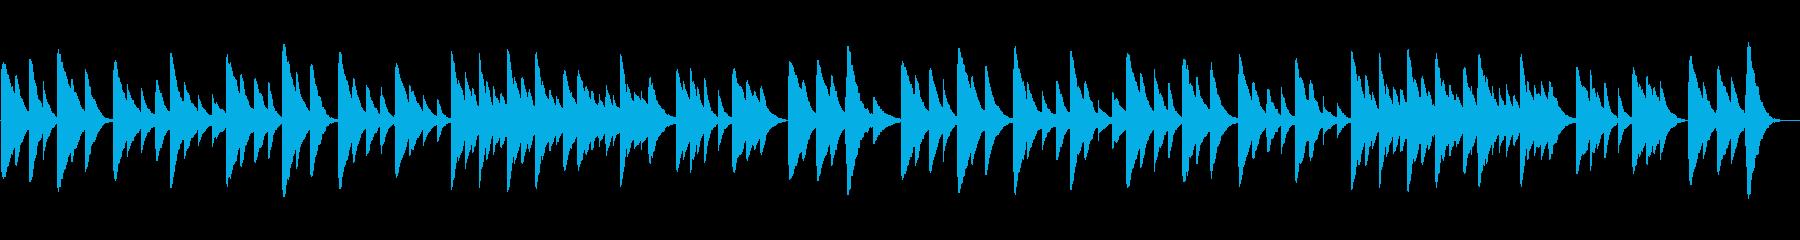 Aura Leeのオルゴールアレンジの再生済みの波形